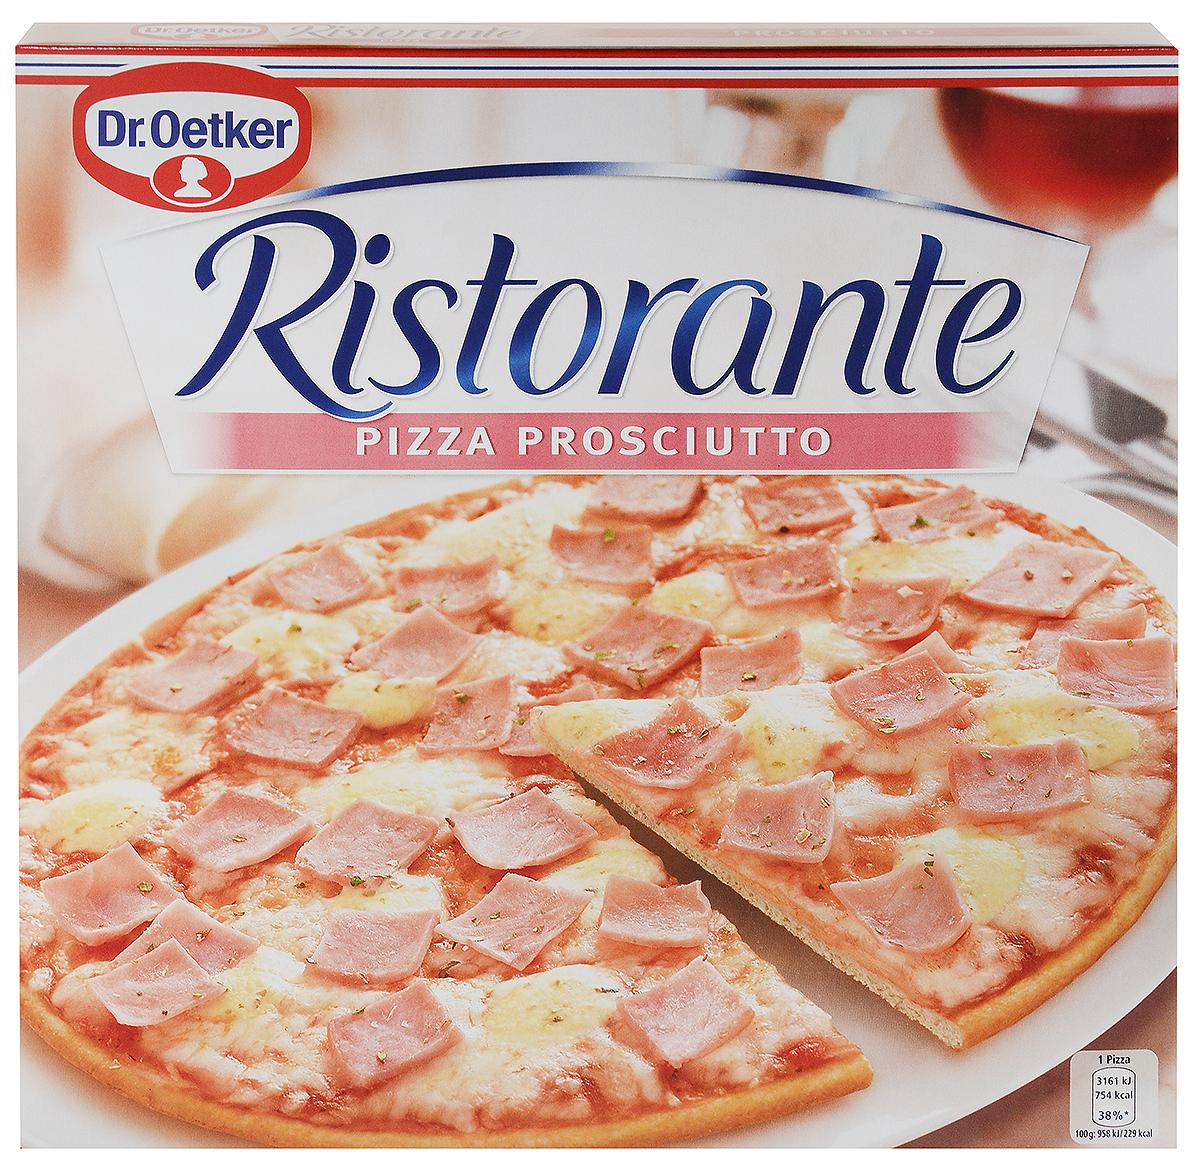 Dr.Oetker Пицца Ristorante Ветчина, 330 г casa nostra пицца с ветчиной и сыром 350 г